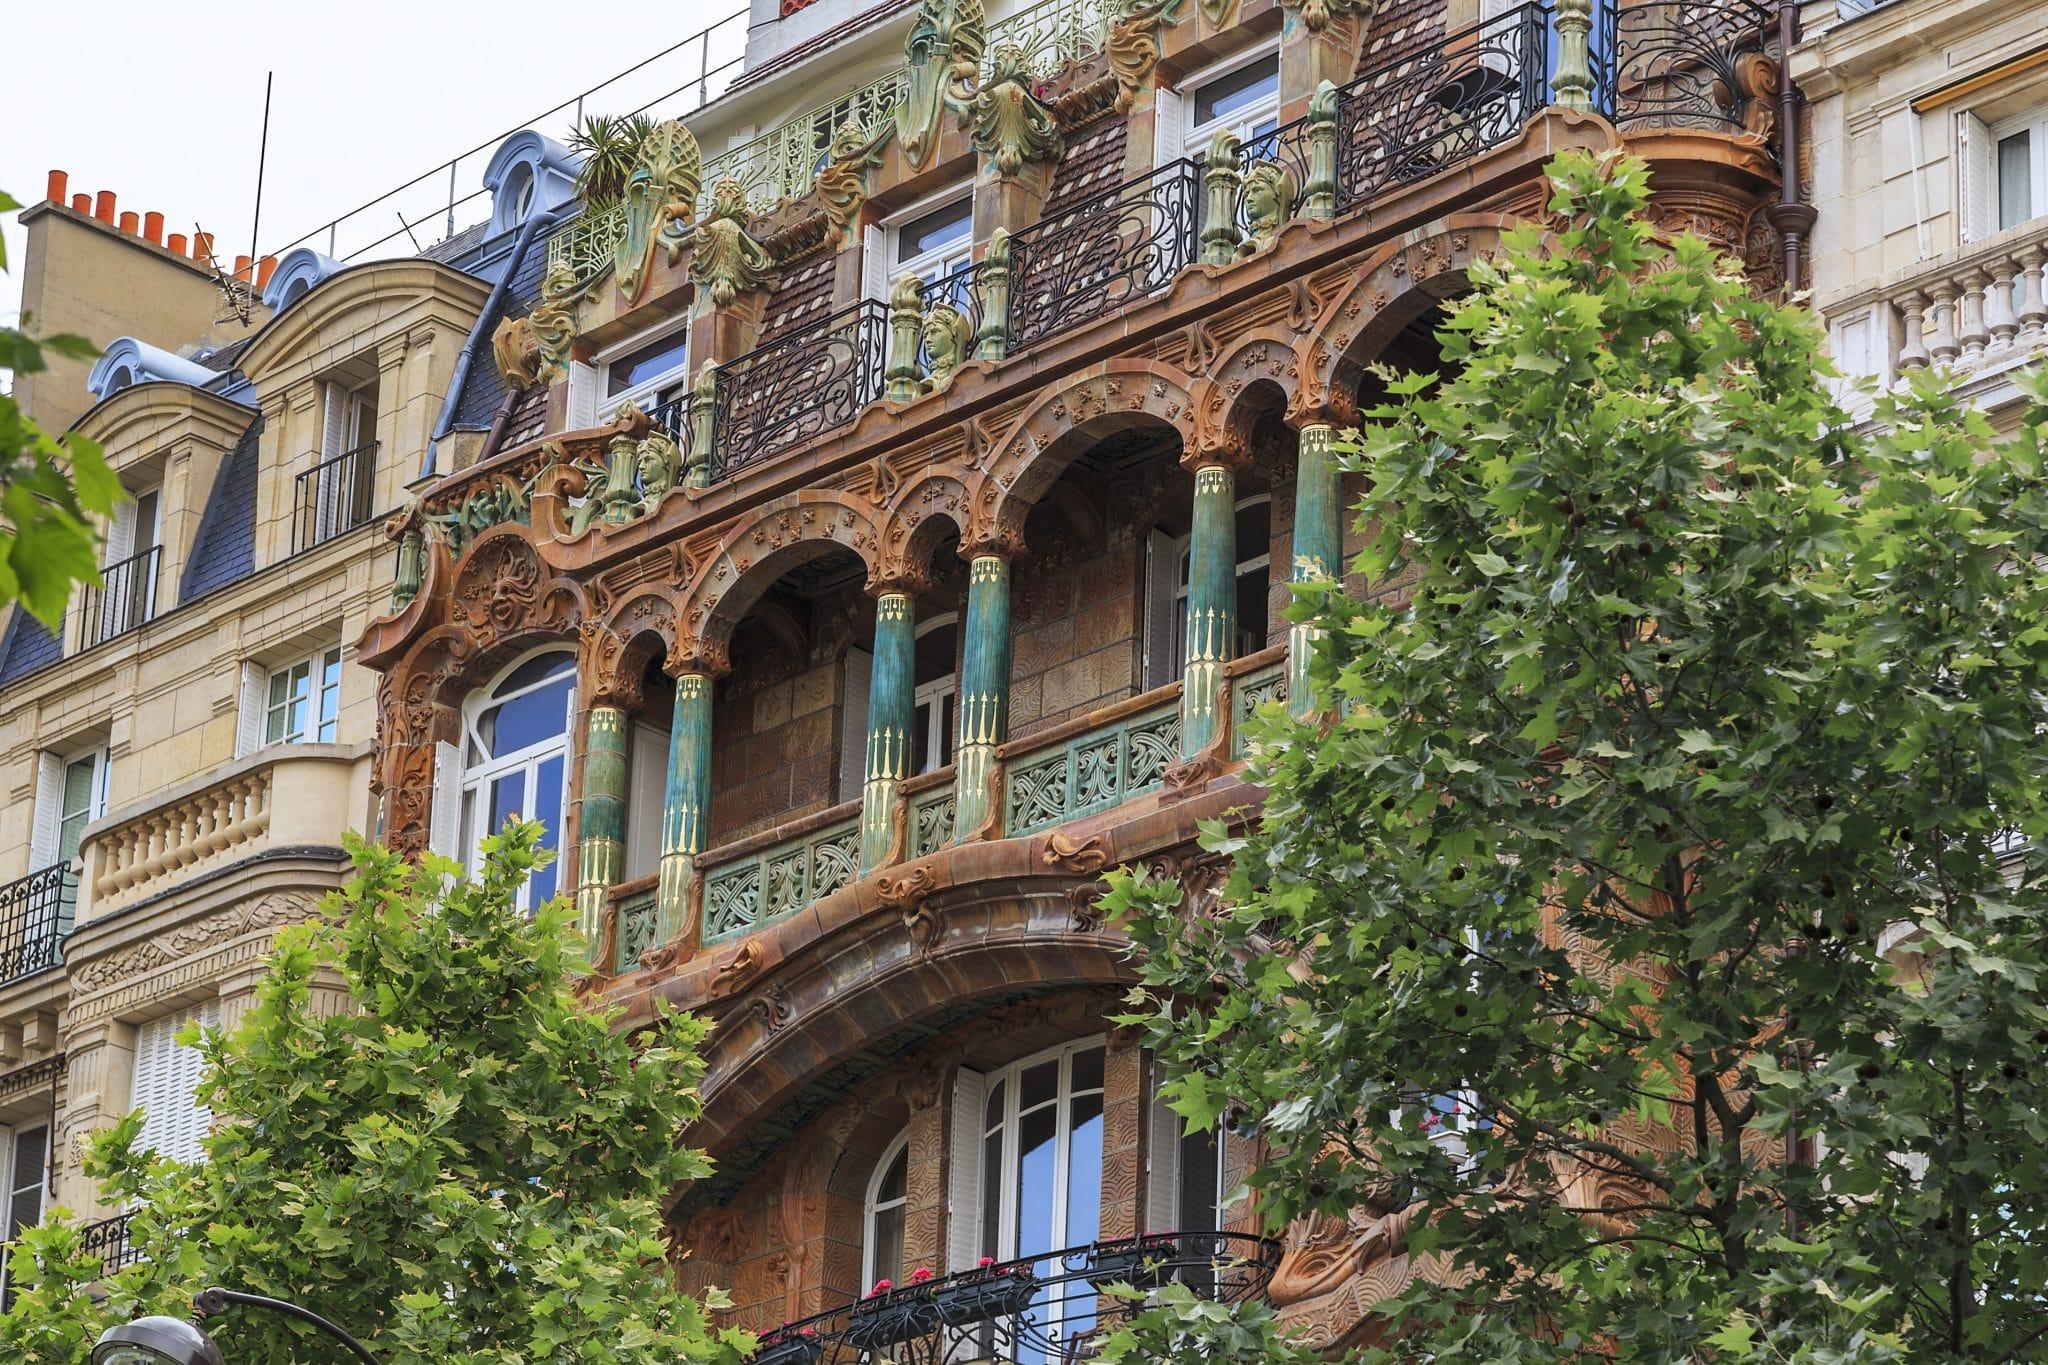 immeuble lavirotte paris histoire art nouveau architecture façade 1